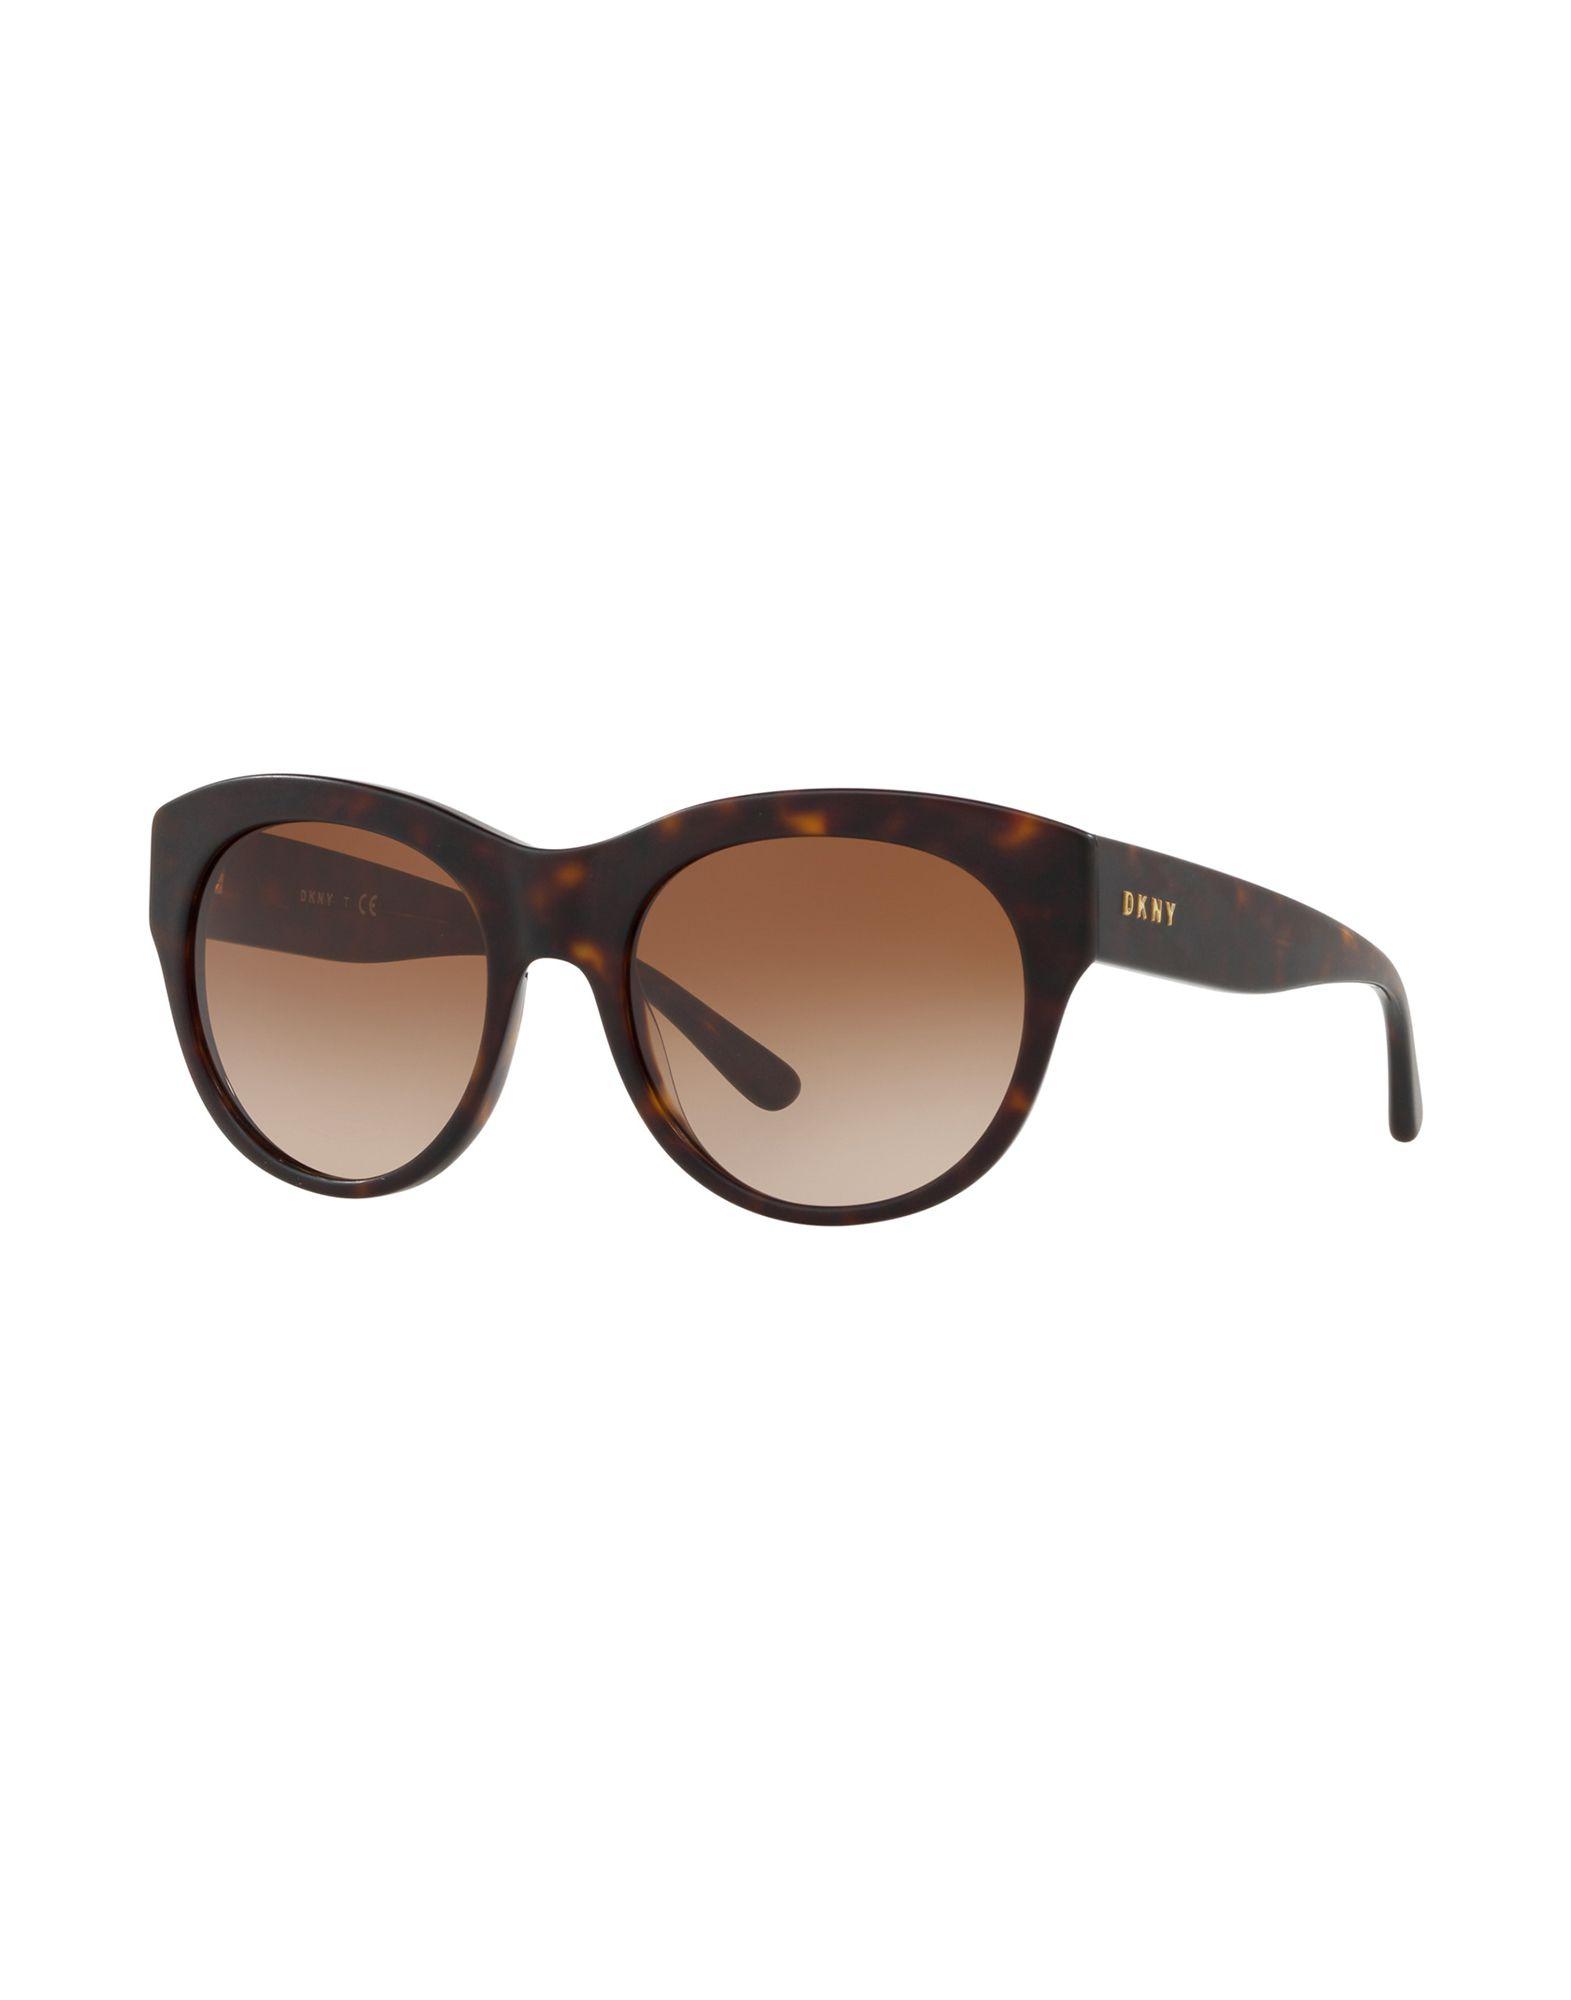 Фото - DKNY Солнечные очки обувь на высокой платформе dkny